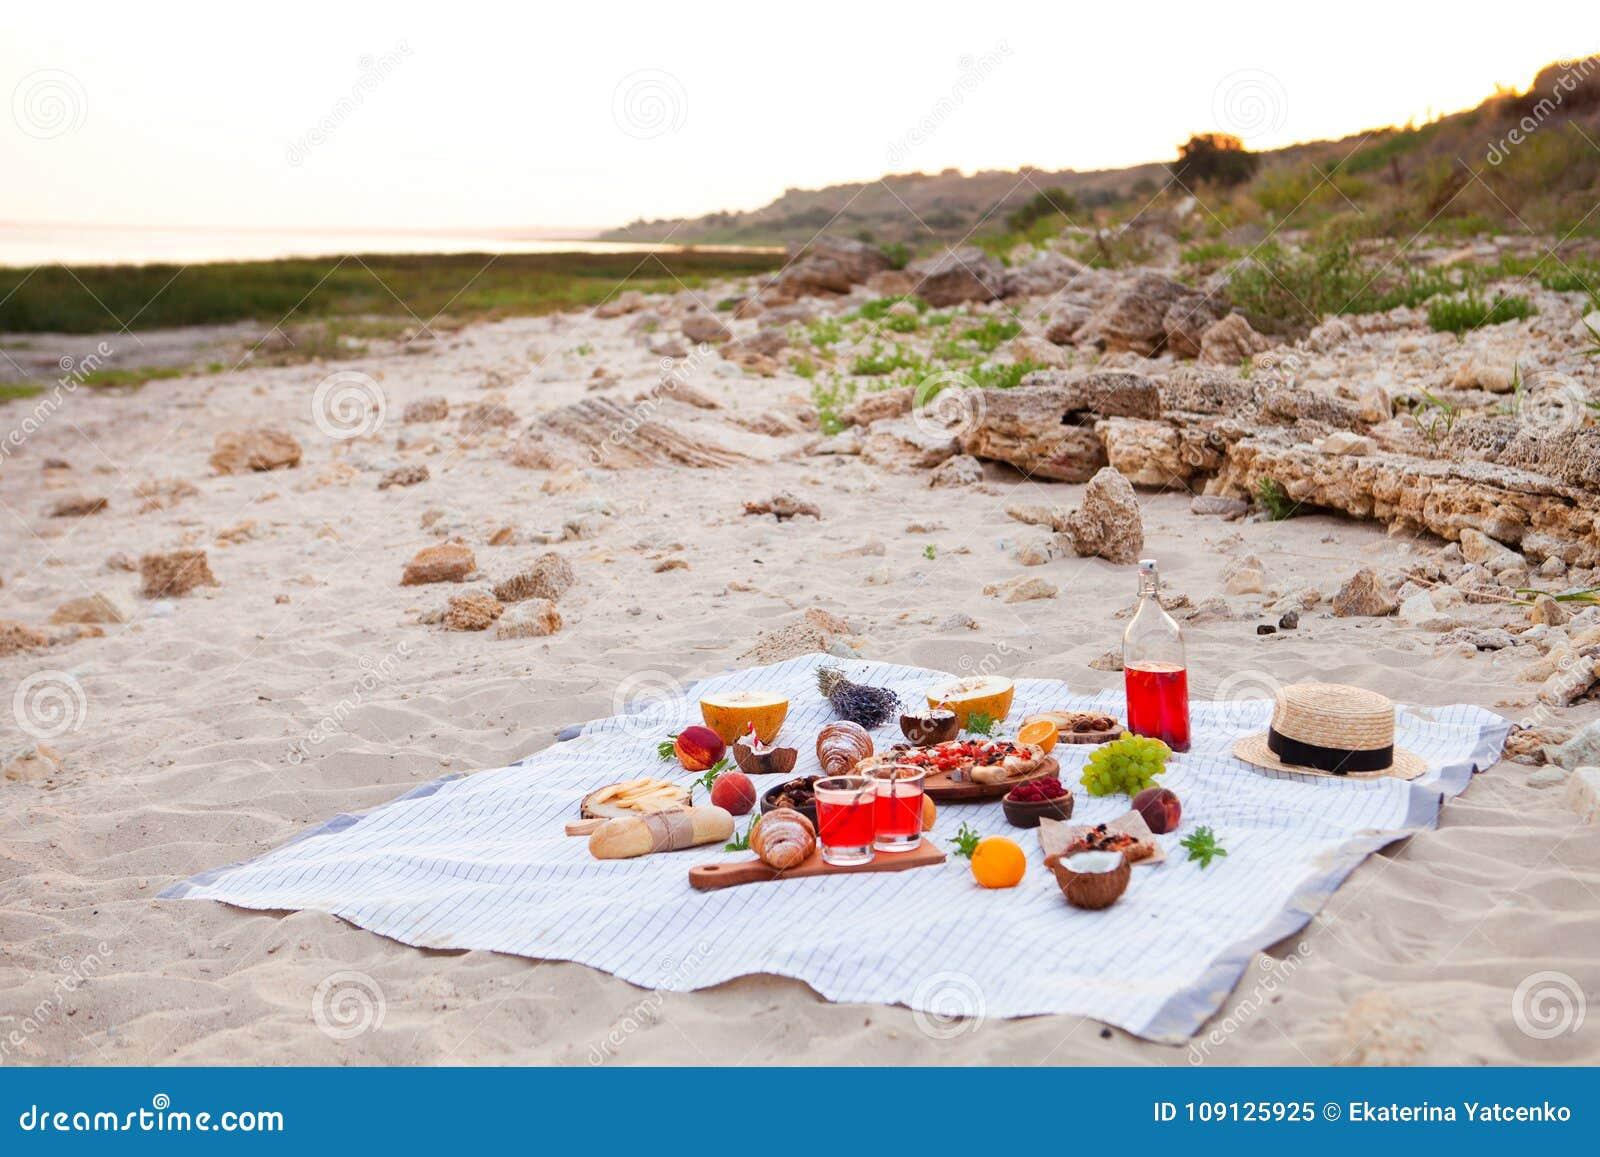 Pinkin na plaży przy zmierzchem w szkockiej kracie, jedzeniu i napoju białych,